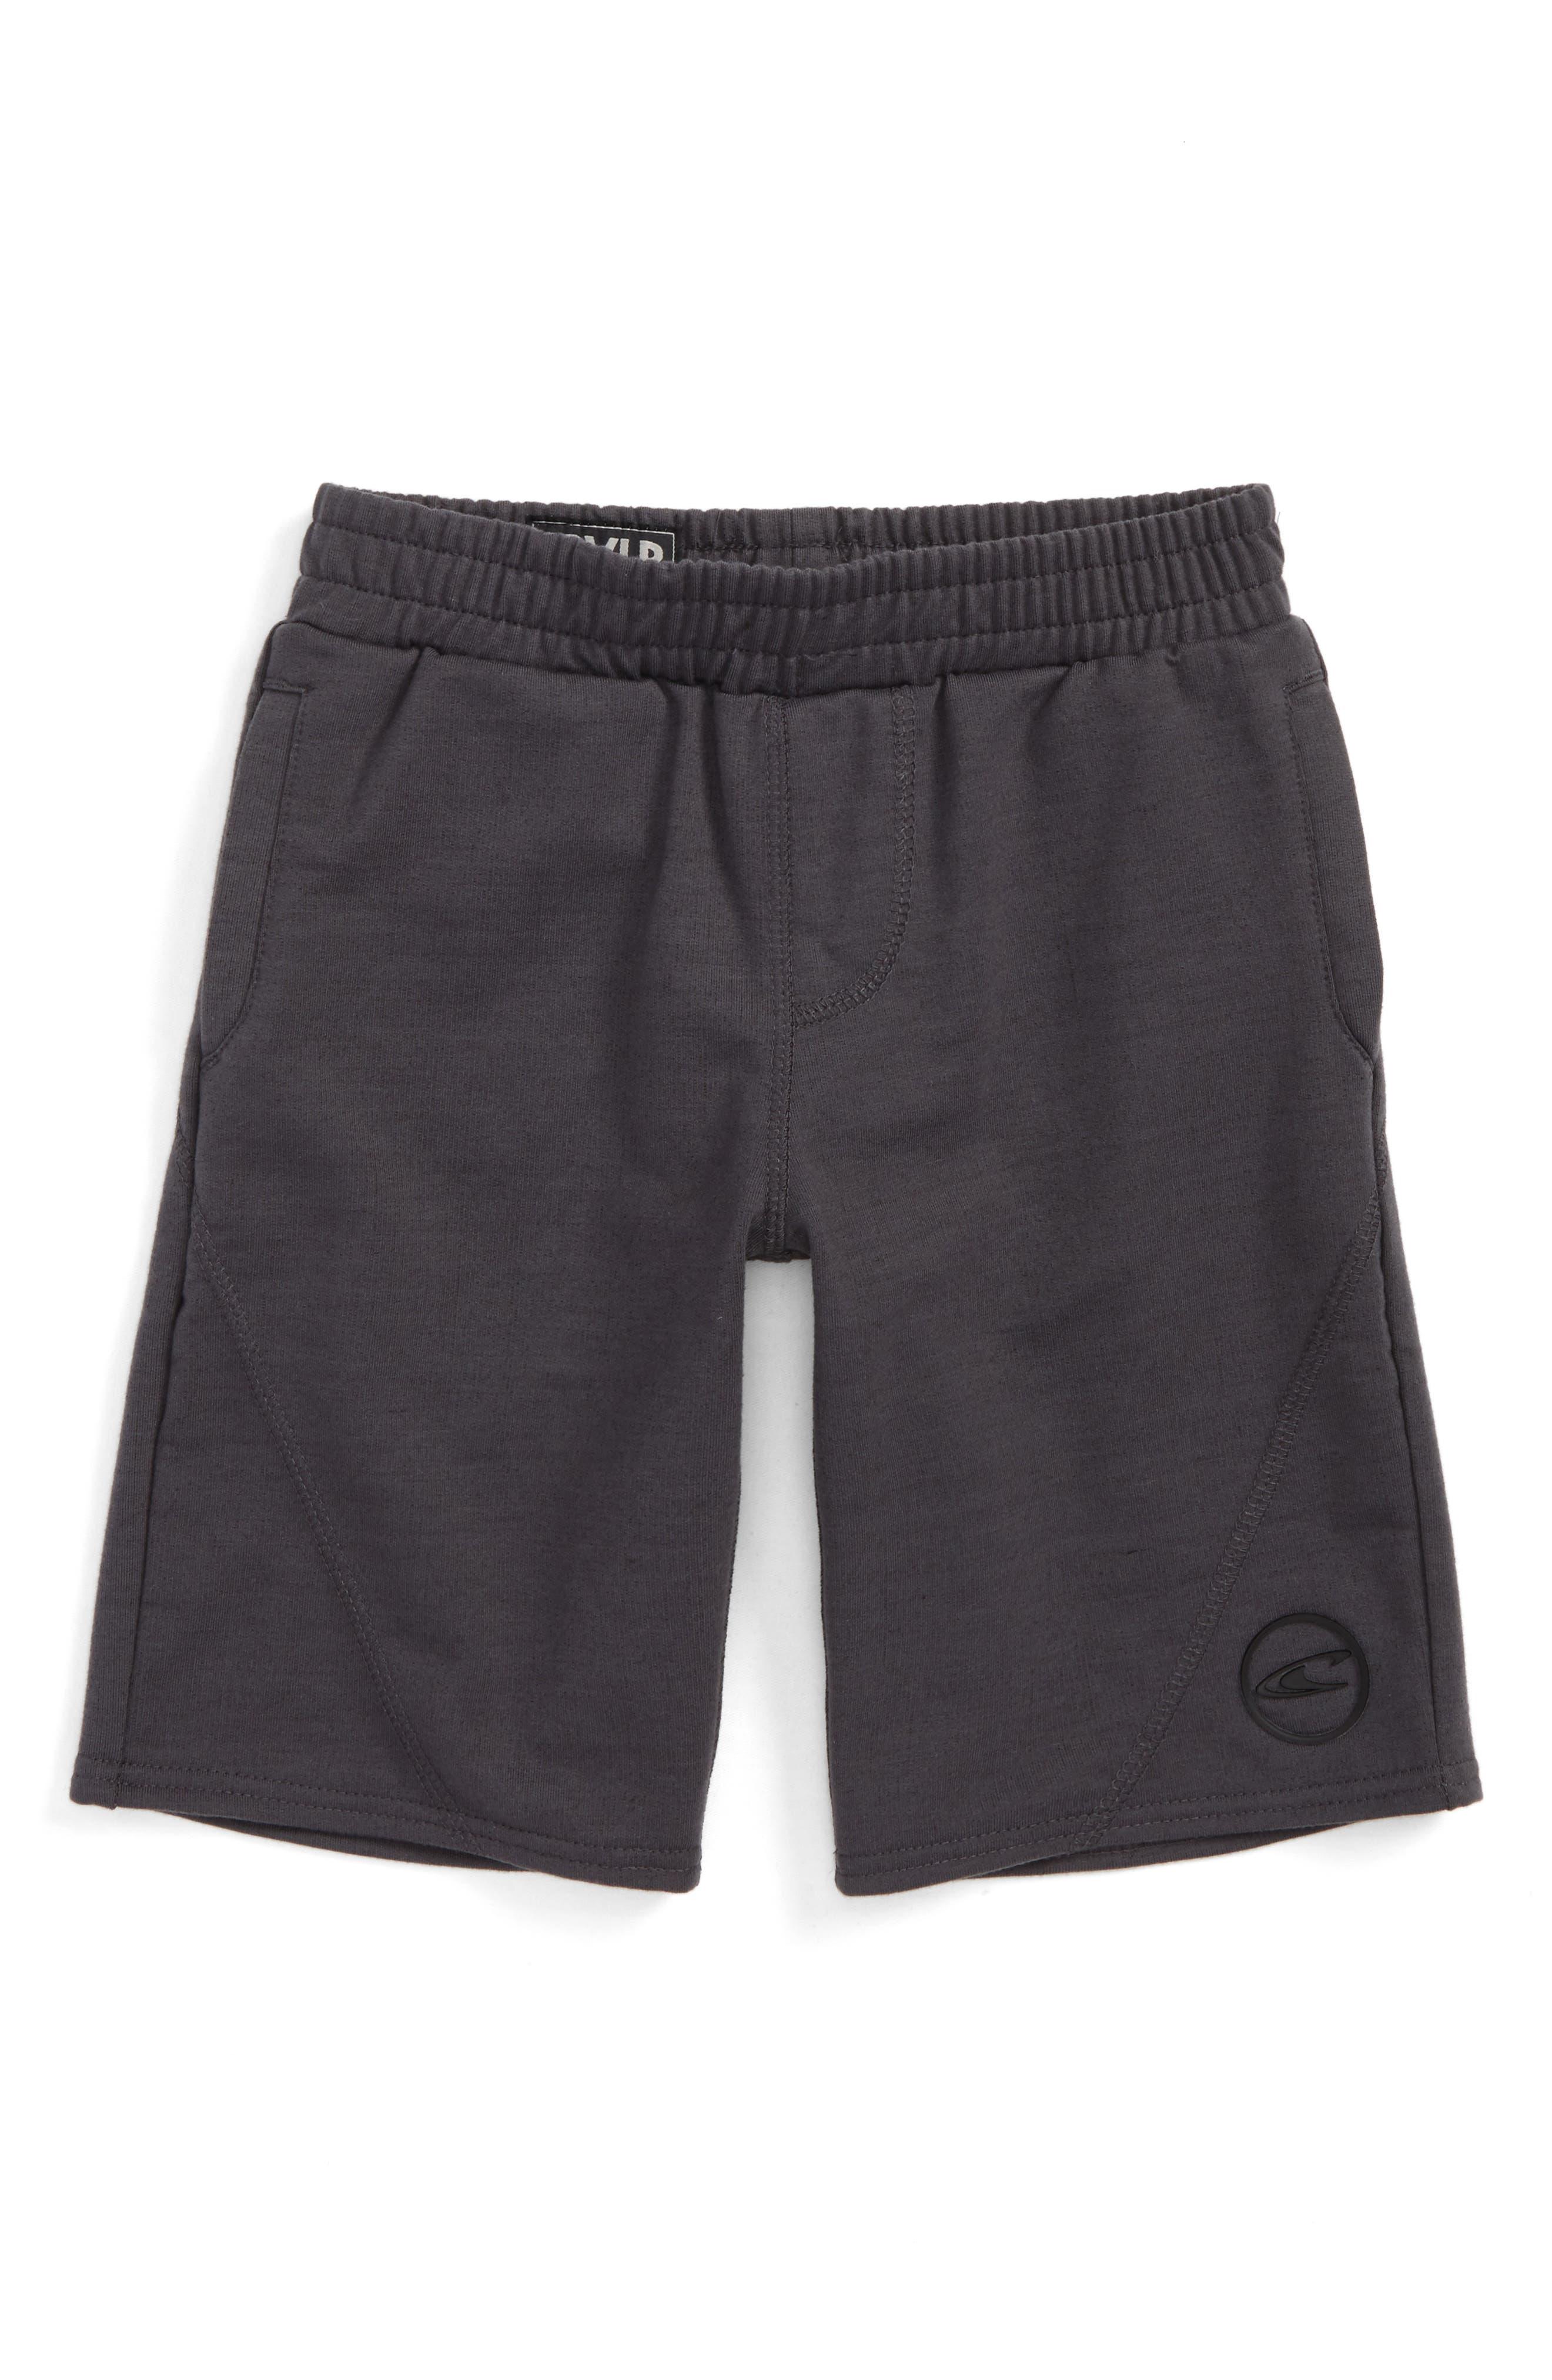 Traveler Knit Shorts,                         Main,                         color, 028